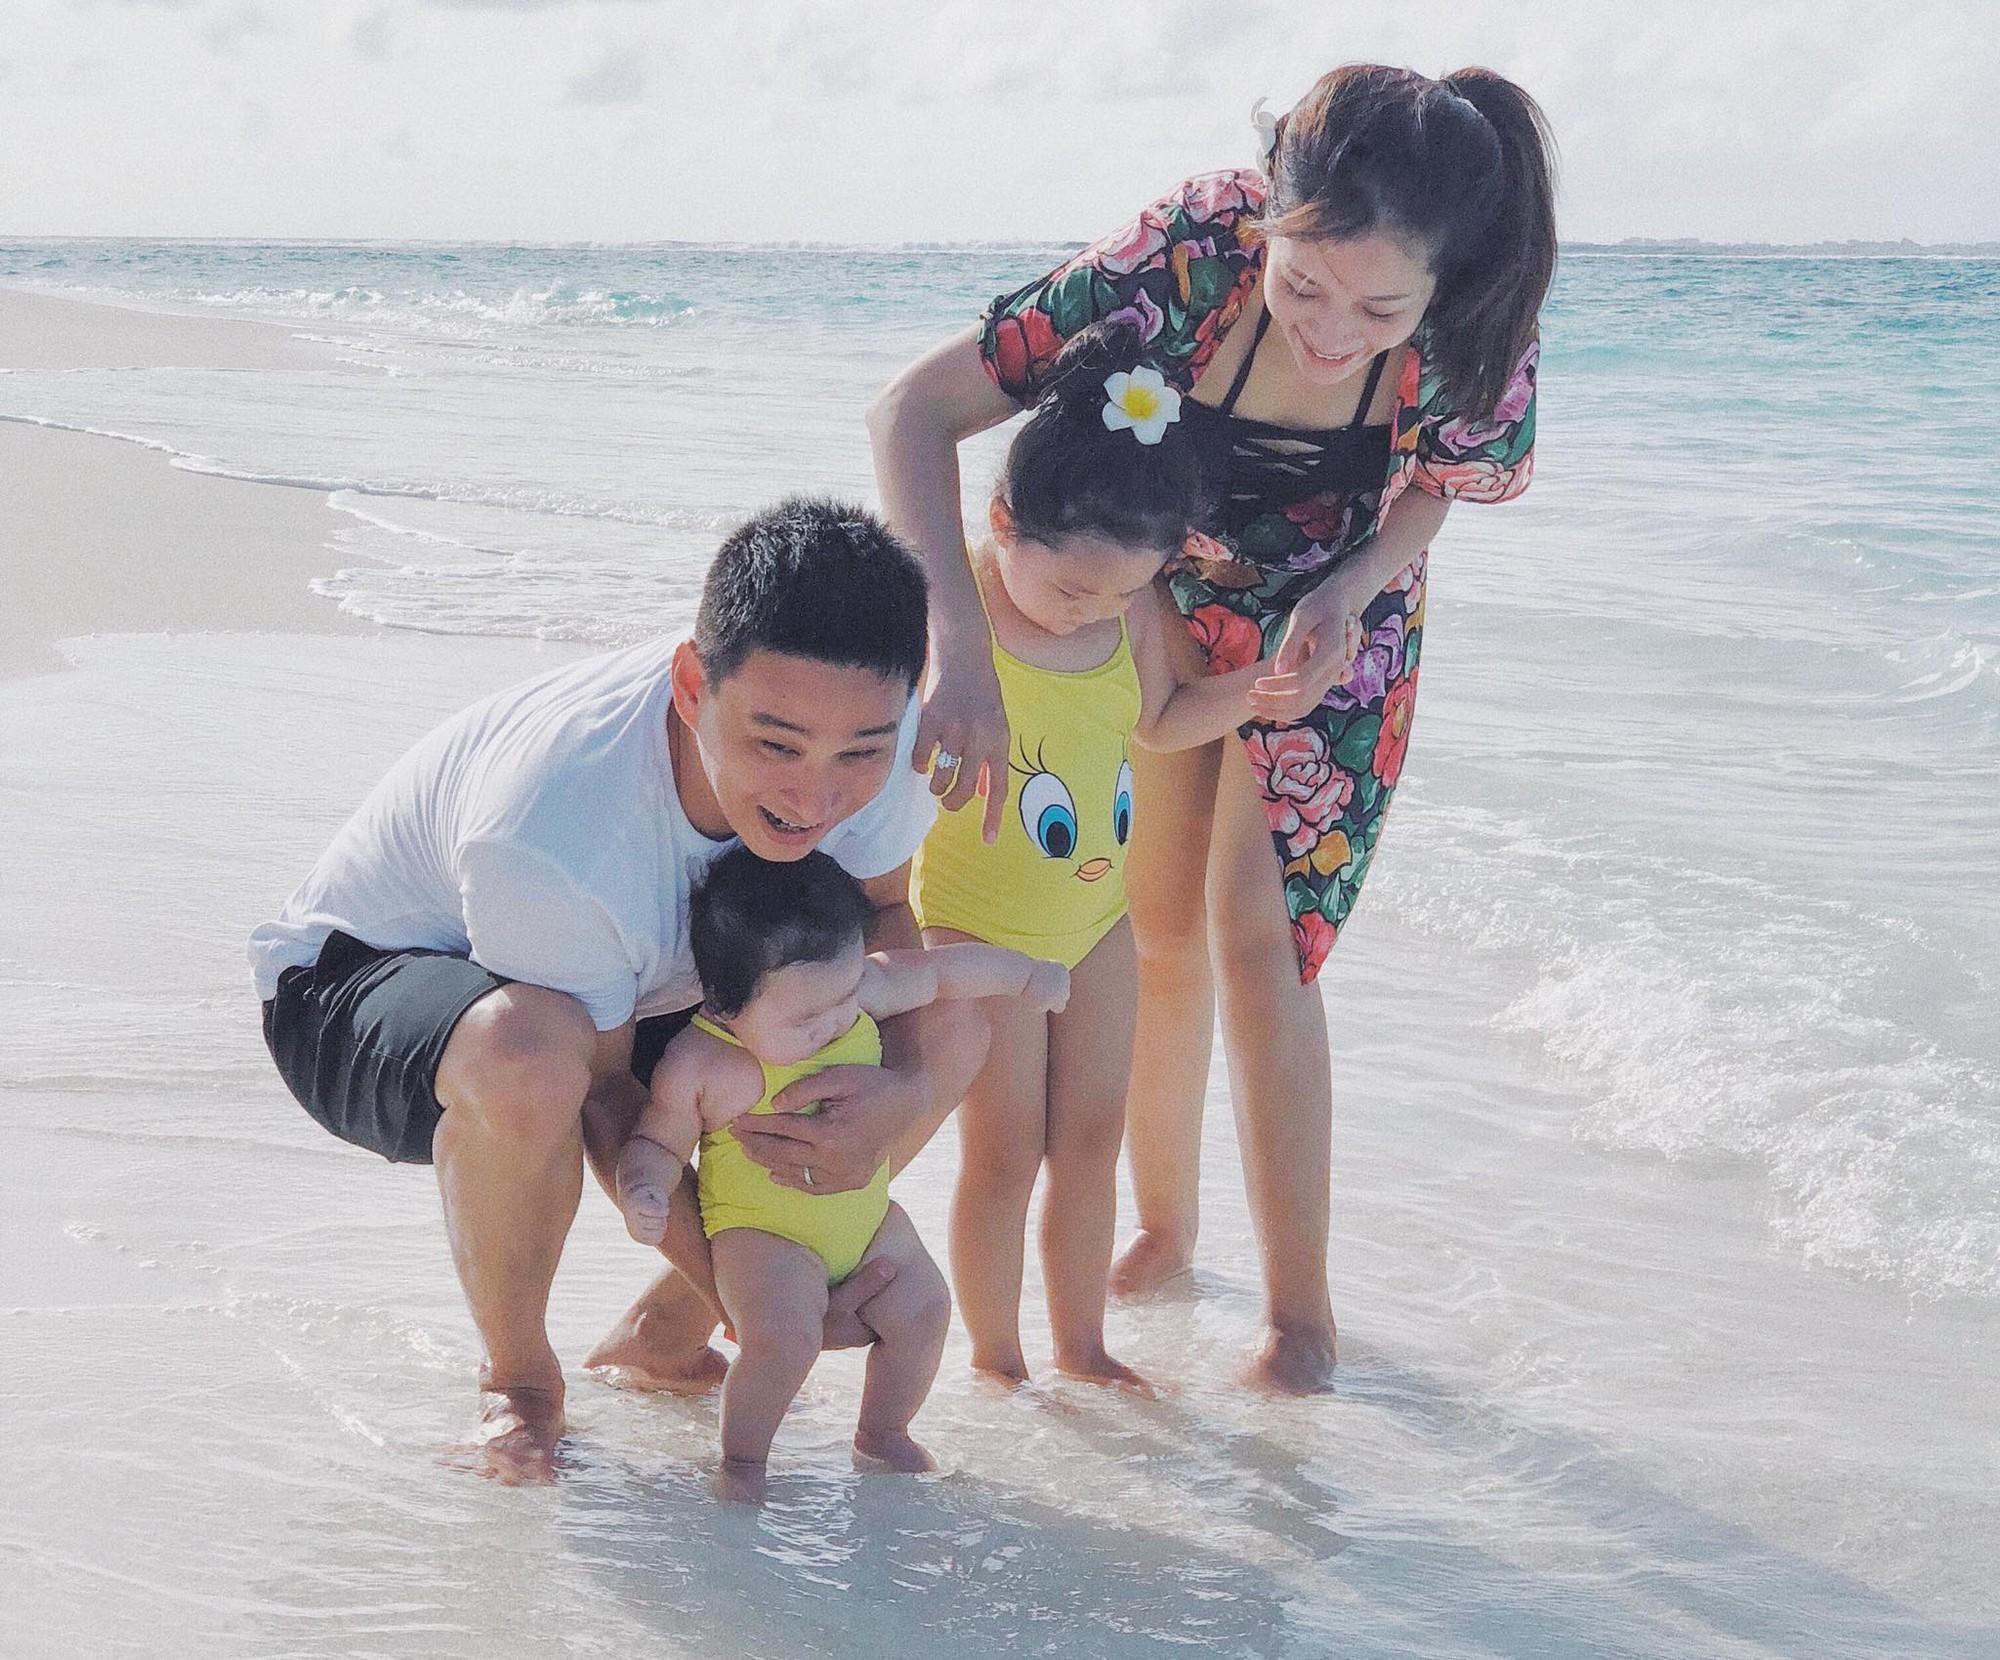 Nàng Hoa hậu người Việt tại Mỹ chia sẻ bí quyết dù con bé tí hin vẫn cùng chồng đi thiên đường tình yêu Maldives lãng mạn - Ảnh 3.